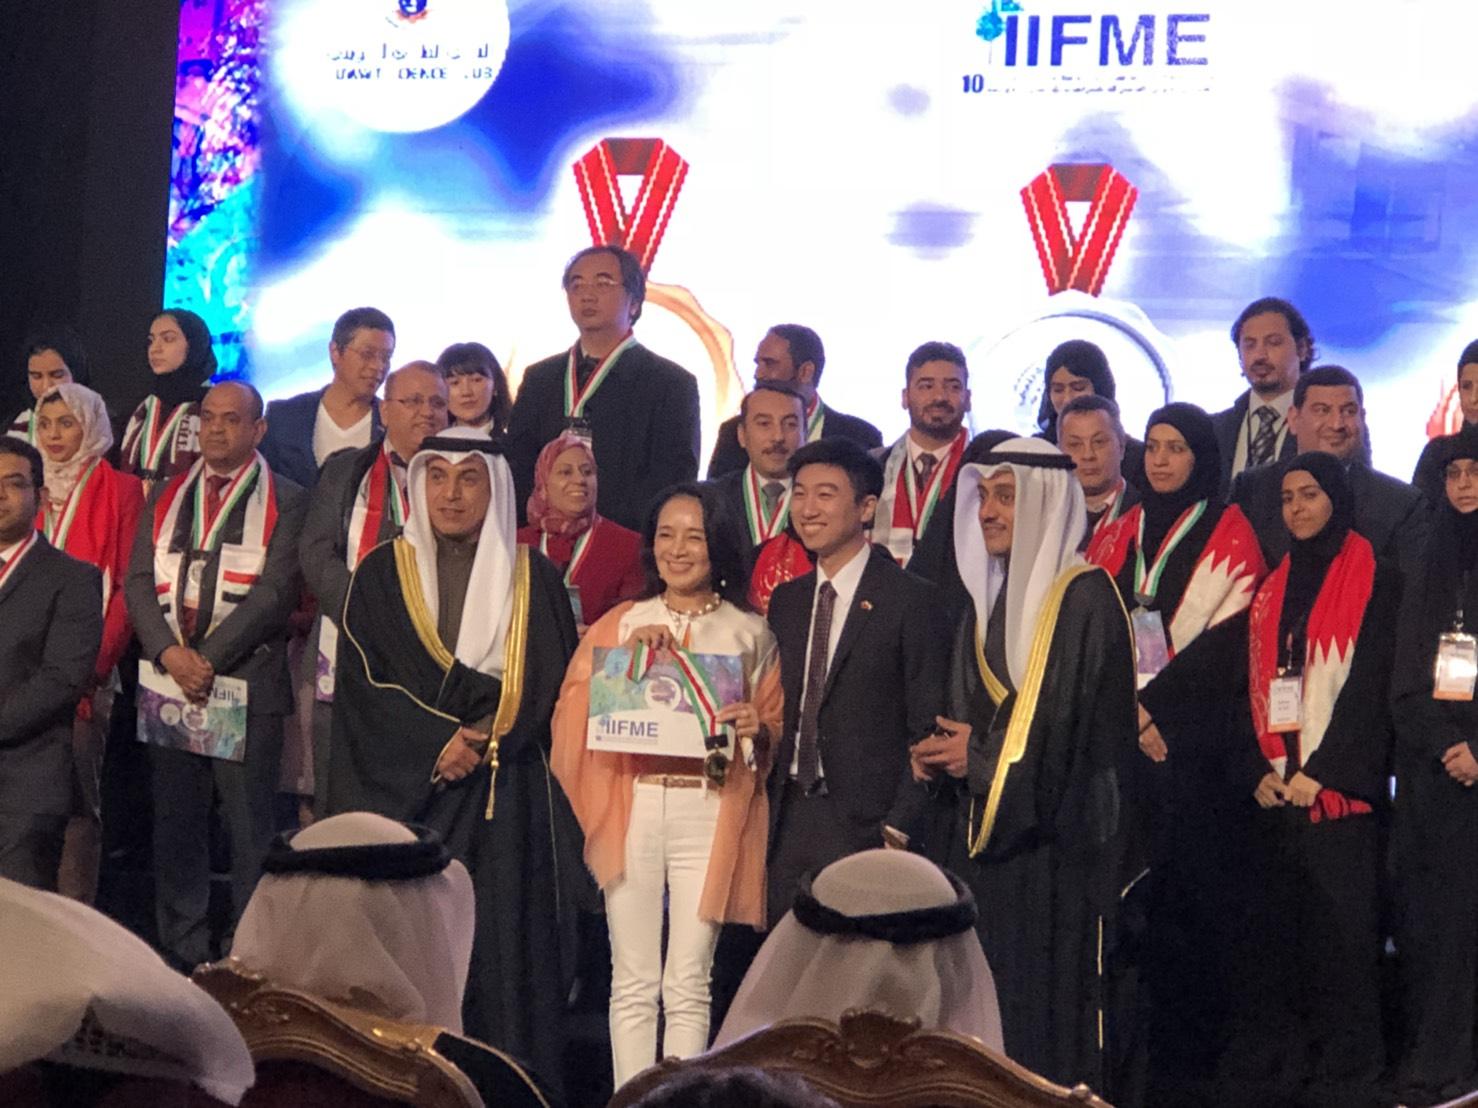 2018科威特中東國際發明展1月28日至31日在科威特王國舉行,台灣計有6家廠商、3所學校,共17人、16件作品參與,在20多個參展國家中,得獎數為大會第一。    中東是國人較陌生的地區,但科威特是我國主要石油供應國之一,每年購買上千億台幣石油,逆差嚴重。這次中華台北著作權人協會組團參展,期盼我國發明家更了解科威特的風土人情與生活習慣,取得中東商機,讓台灣的產品走進中東社會各階層。    這次展覽,中華台北著作權人協會參展團共獲得7金、3銀、6銅牌,以及3件大會特別獎,使我國獲得的獎牌數居各國之冠。由於科威特為阿拉伯語系,團員與大會人員溝通較為困難,駐科威特代表處牟華瑋代表、涂組長、駐沙烏地阿拉伯代表處經濟組簡秘書,均到場協助推廣貿易,科威特台貿中心周主任也邀約貿易商到場參觀,在產官學界共同努力,使本次展覽達到最佳效果。    中華台北著作權人協會表示,  人本自然生技公司 的「鹼質享塑」產品,榮獲金牌及 WIPO世界智慧財產組織特別獎,「鹼糖」及「老將軍真久霜」亦榮獲金牌,是全場獲獎最優的單位,產品適合阿拉伯地區,吸引眾多洽商者。   人本自然生技公司 是台灣團的金牌獎得主,更以非聯合國會員國卻能獲得世界智慧財產組織所頒給之WIPO AWARD,此獎項為所有金牌獎得主中再選出之最傑出發明家(自1979年至2009全球僅240位婦女獲此殊榮,代表聯合國對發明者頒贈最崇高的榮譽獎項。  WIPO獎已成為對發明者和創造者頒發的最負盛名的獎項之ㄧ而享譽世界,這獎項的肯定除展現台灣女性創作人細膩的思維,及不讓鬚眉的傲人成果與能力外,更顯示出我國在科學研究上向下紮根的成就。